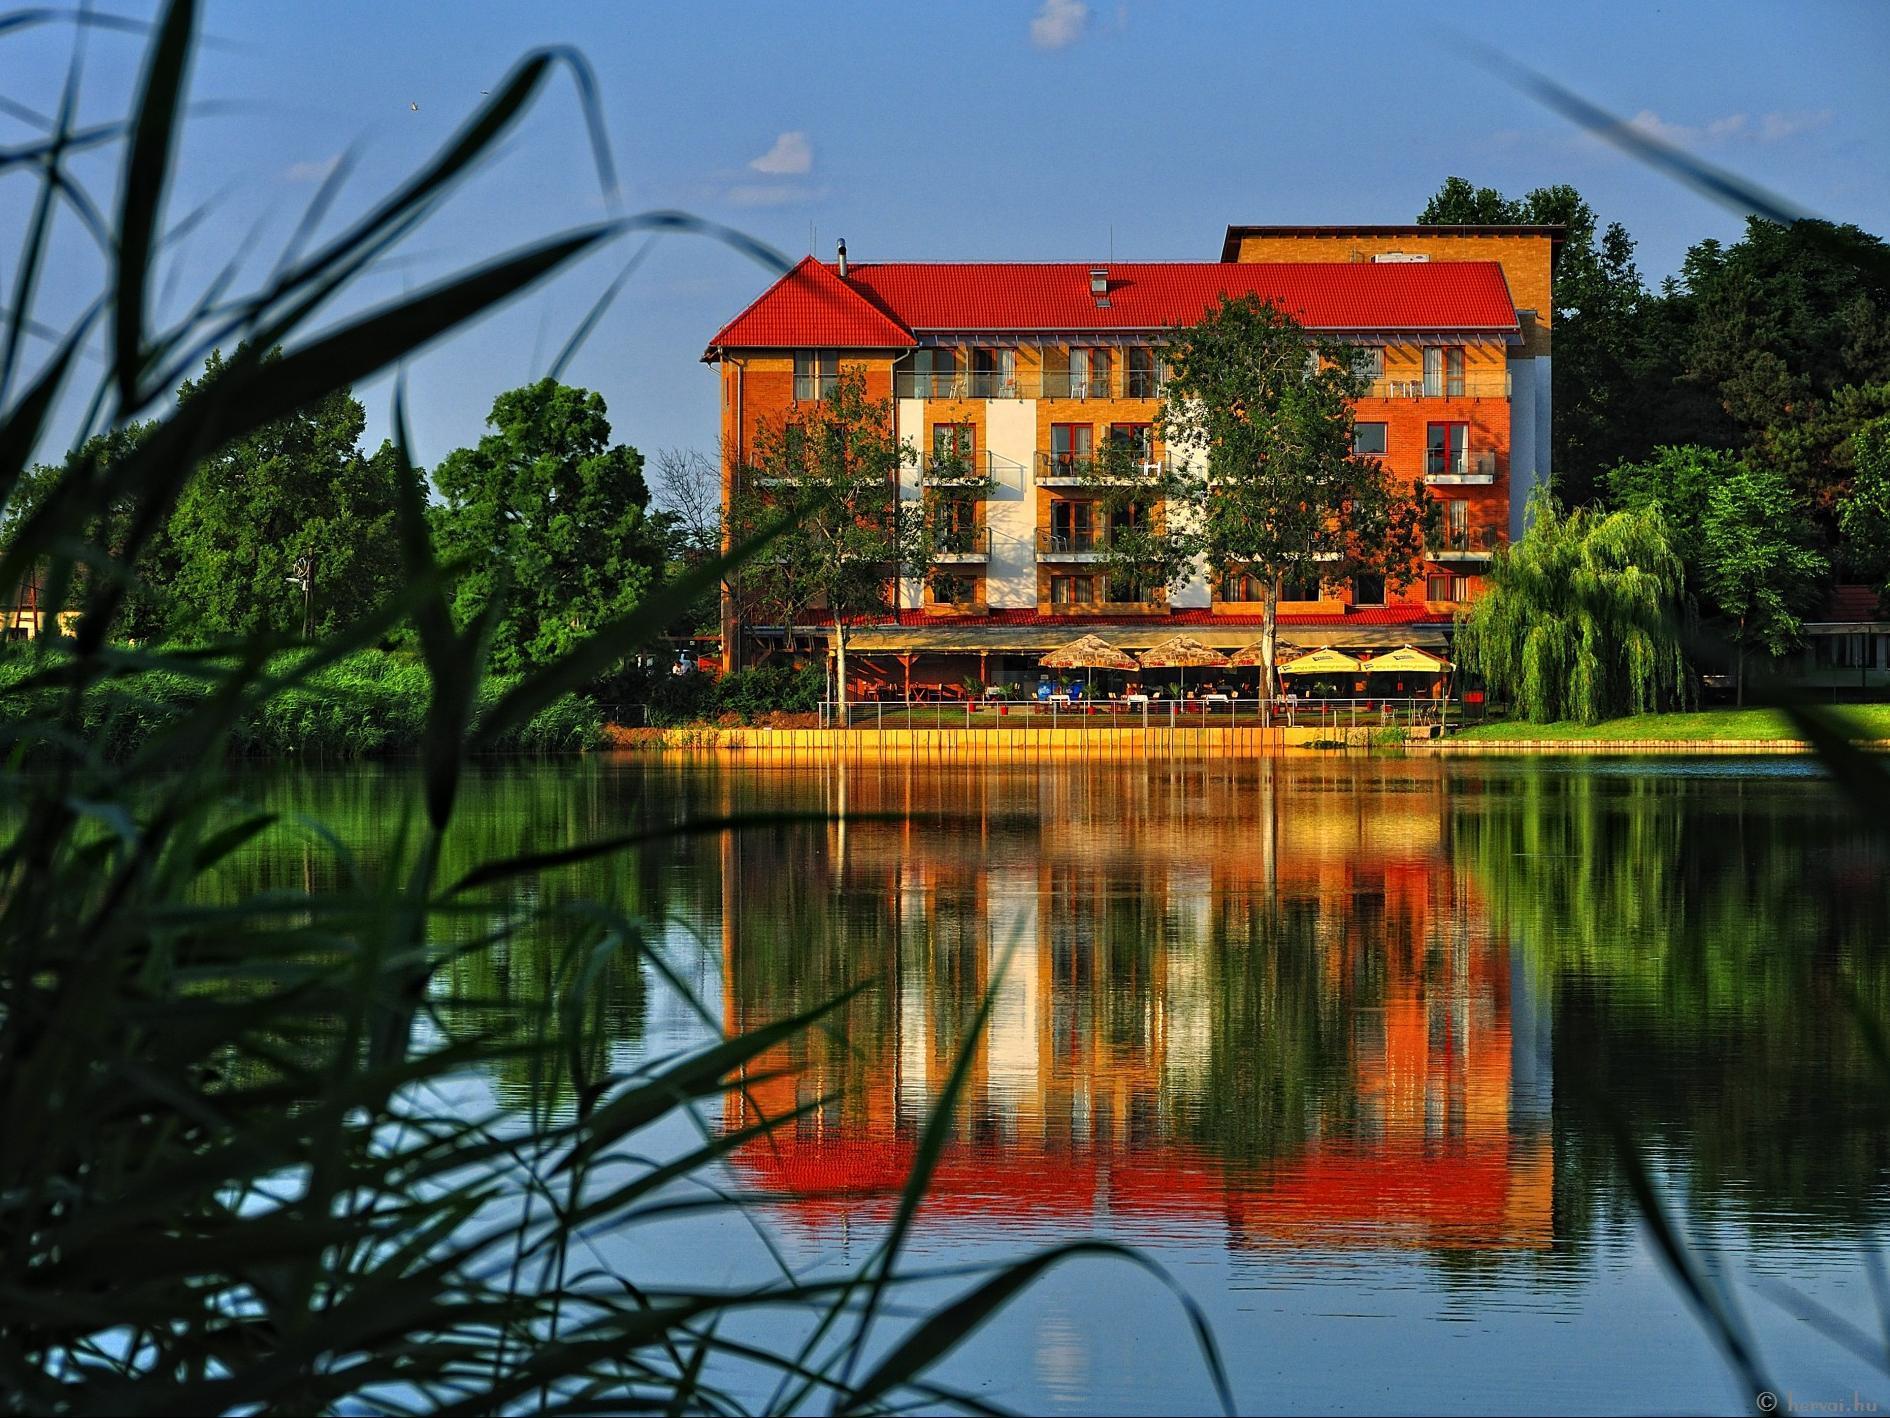 Hotel Corvus Aqua, Orosház